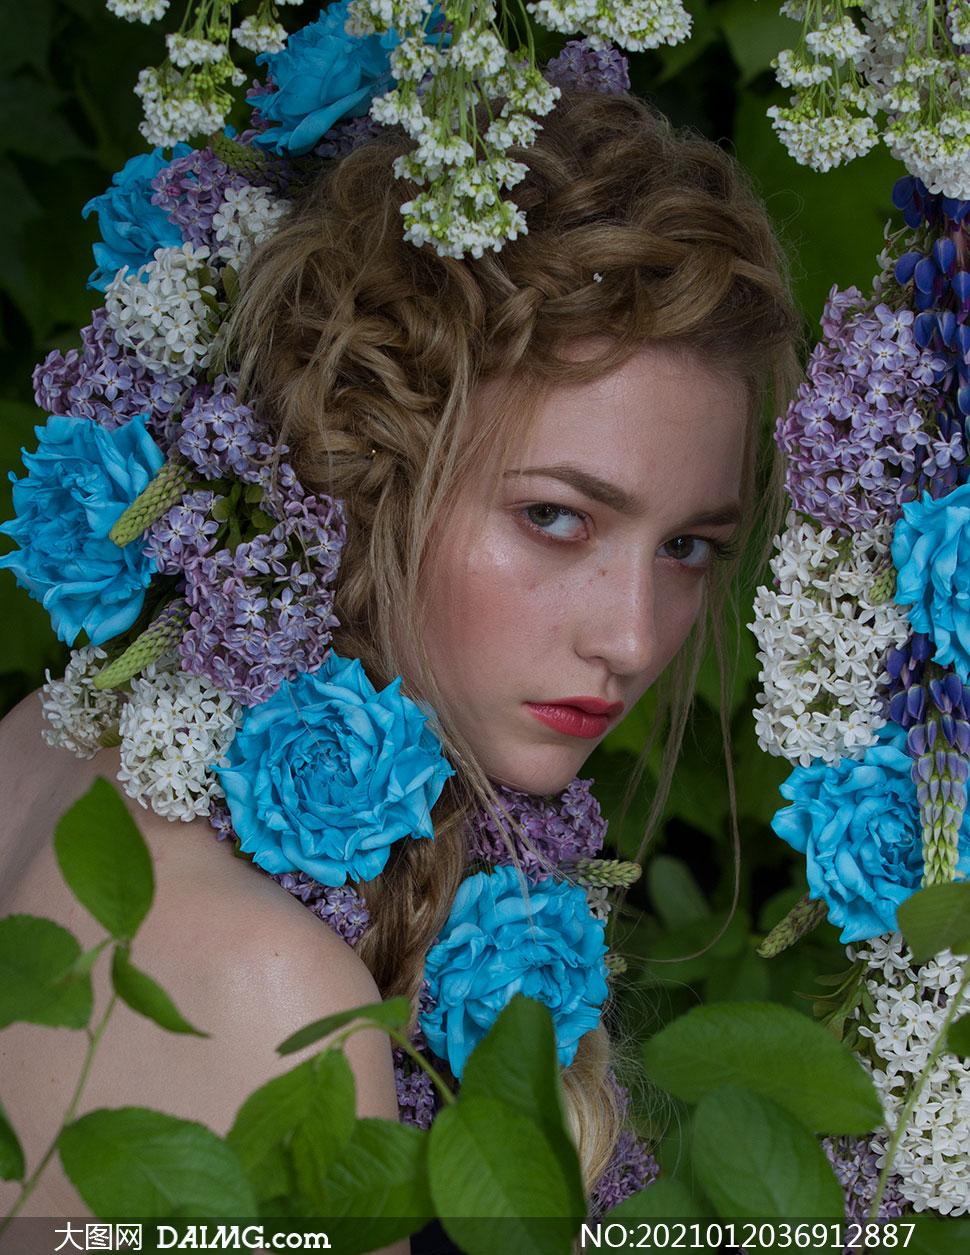 绿叶鲜花装饰美女模特写真摄影素材